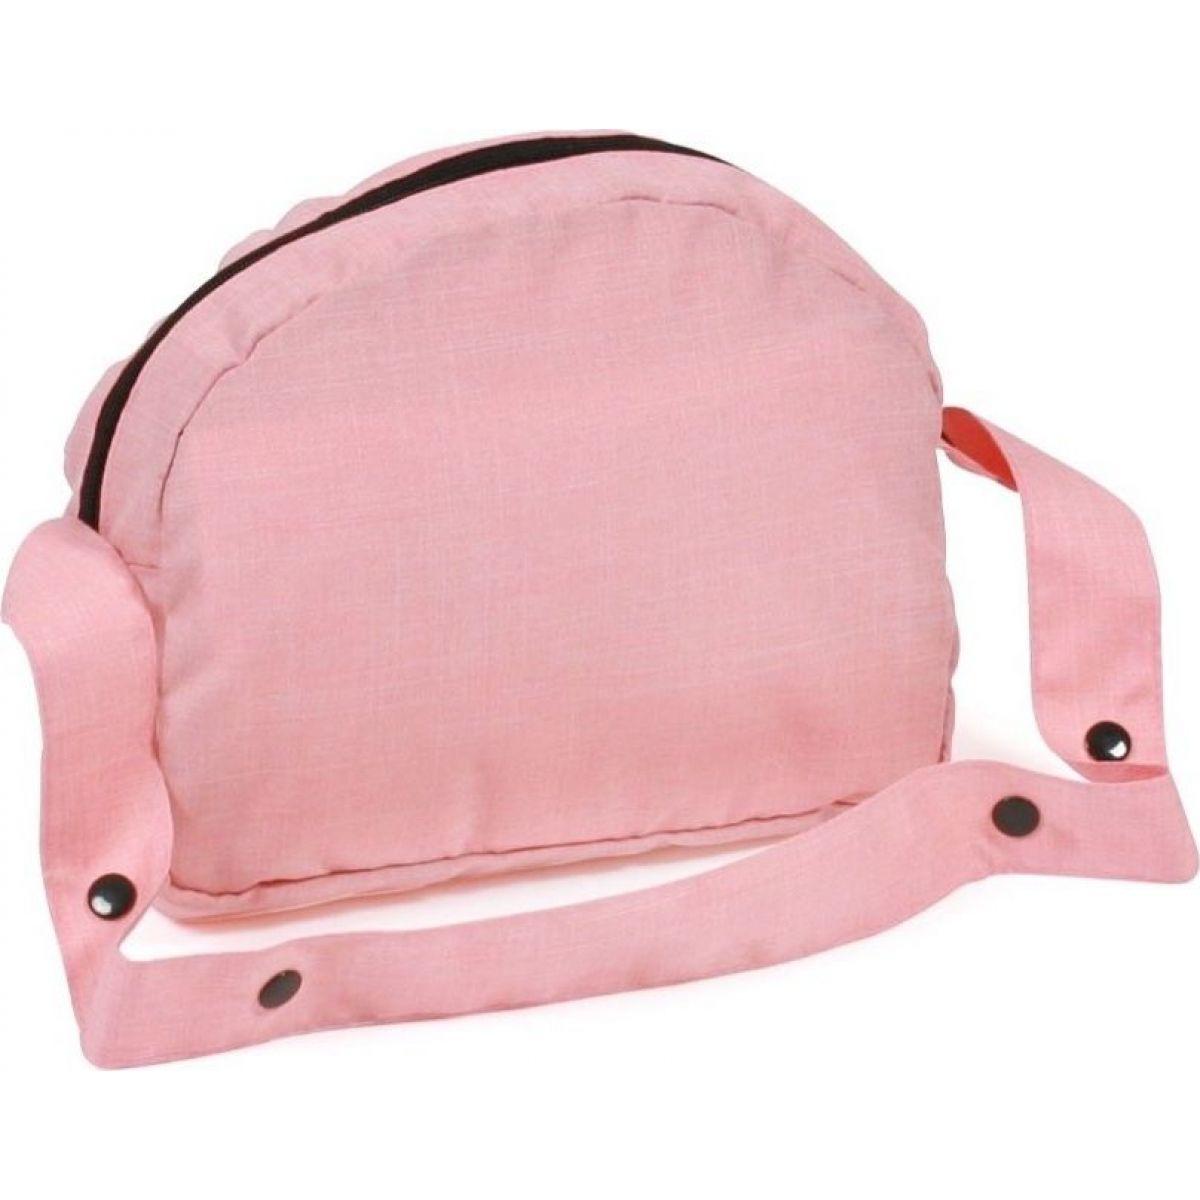 Bayer Chic 85314 Přebalovací taška ke kočárku - lososová